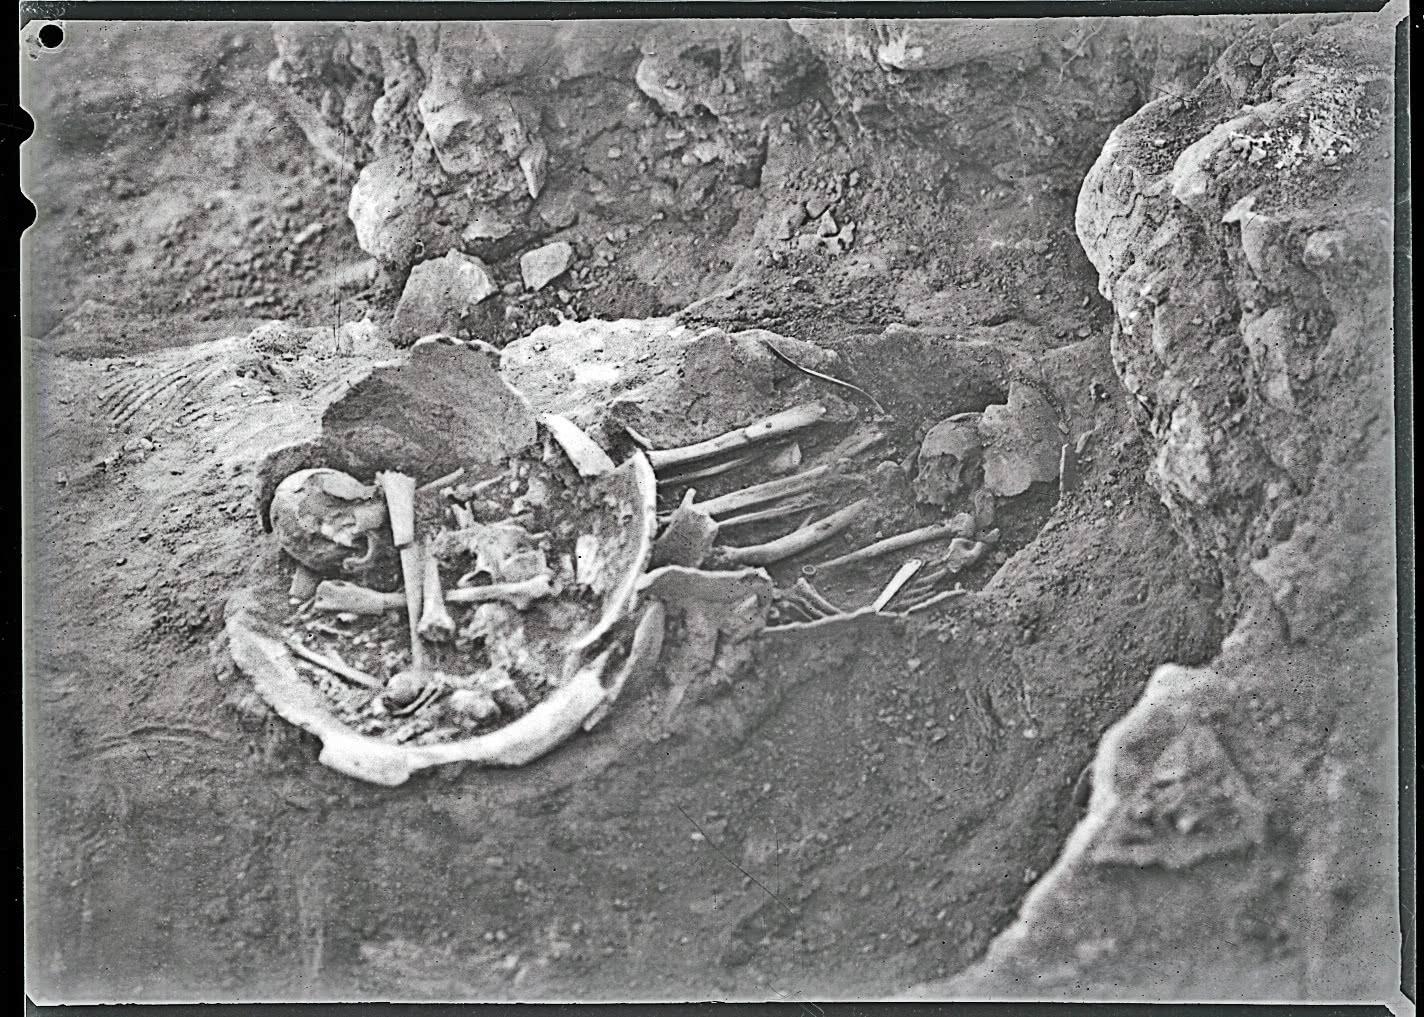 Tumbas 2 y 3 de inhumación en urna en La Bastida, 1950. Archivo MAN